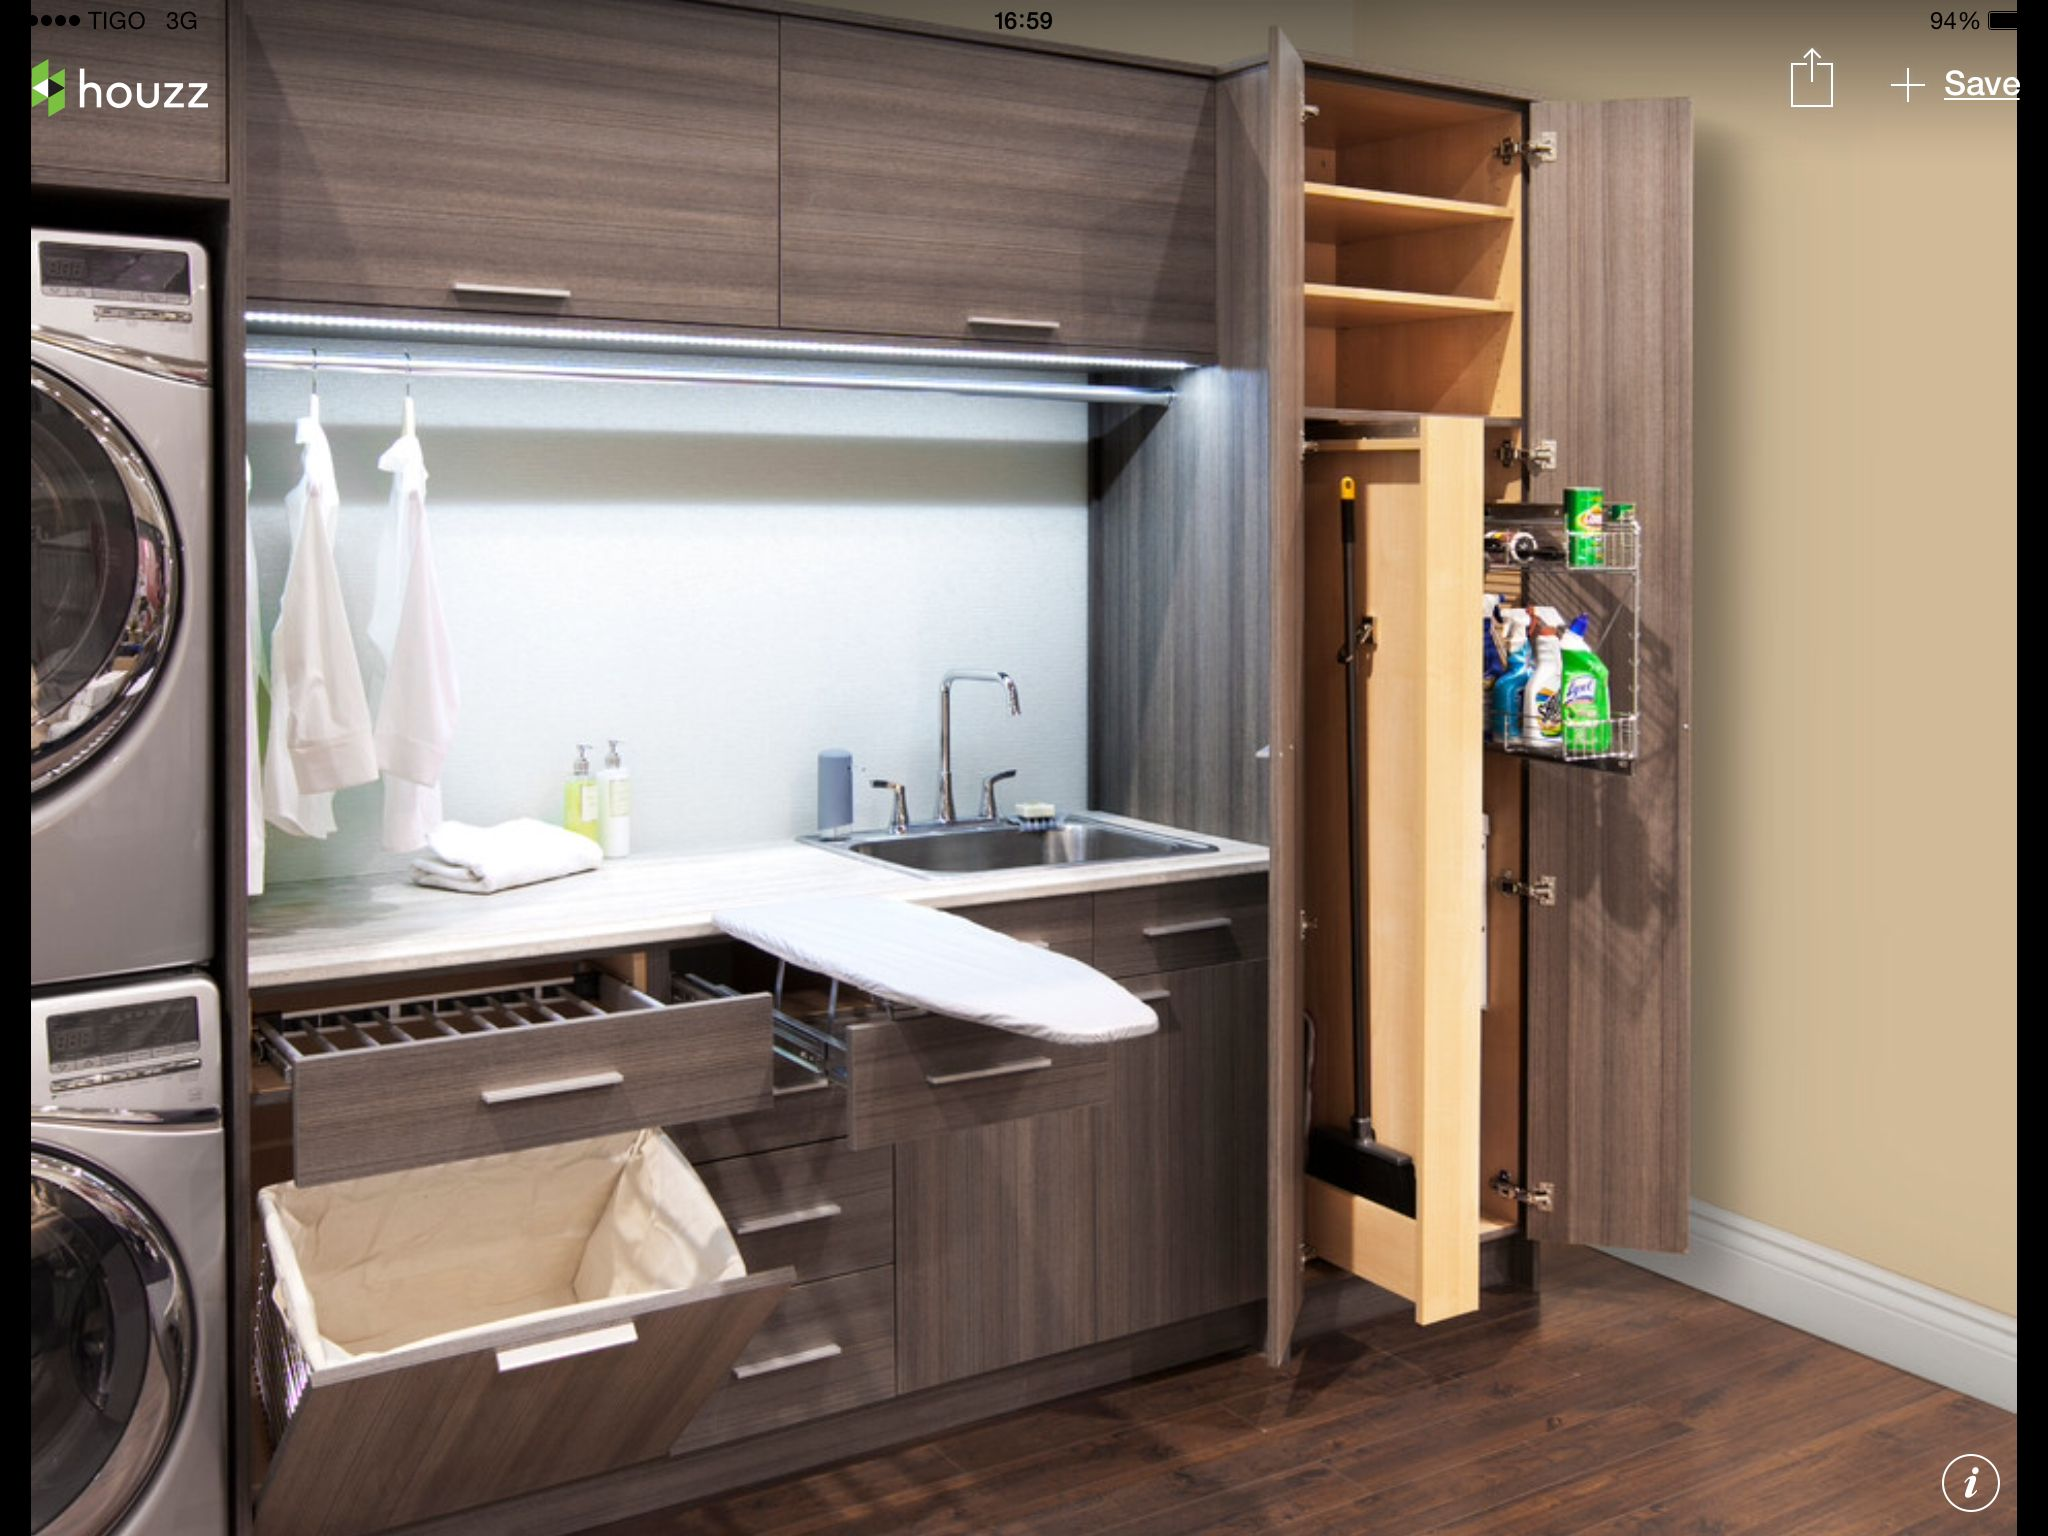 Mueble con planchador para la lavandería. | Home, Laundry ...